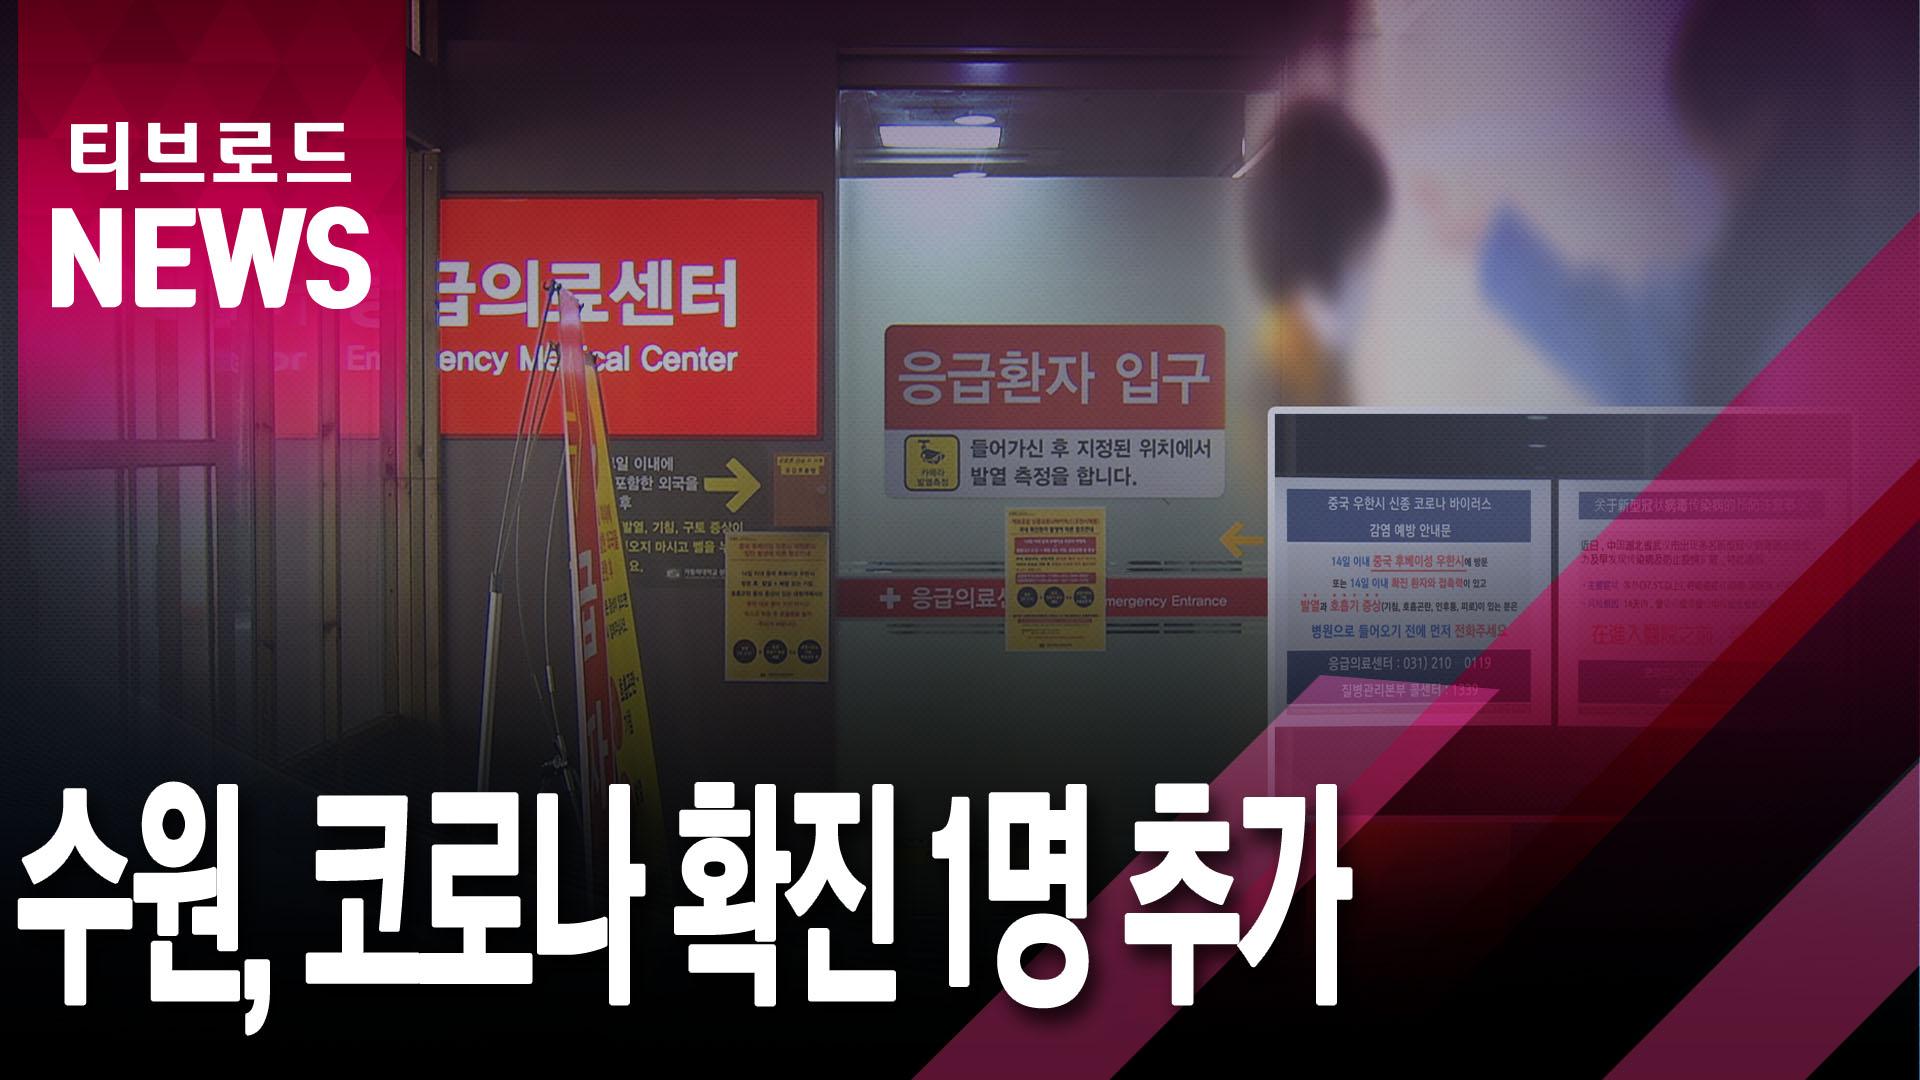 [티브로드][수원]수원 확진자 1명 추가 '15번째 확진자 친척'